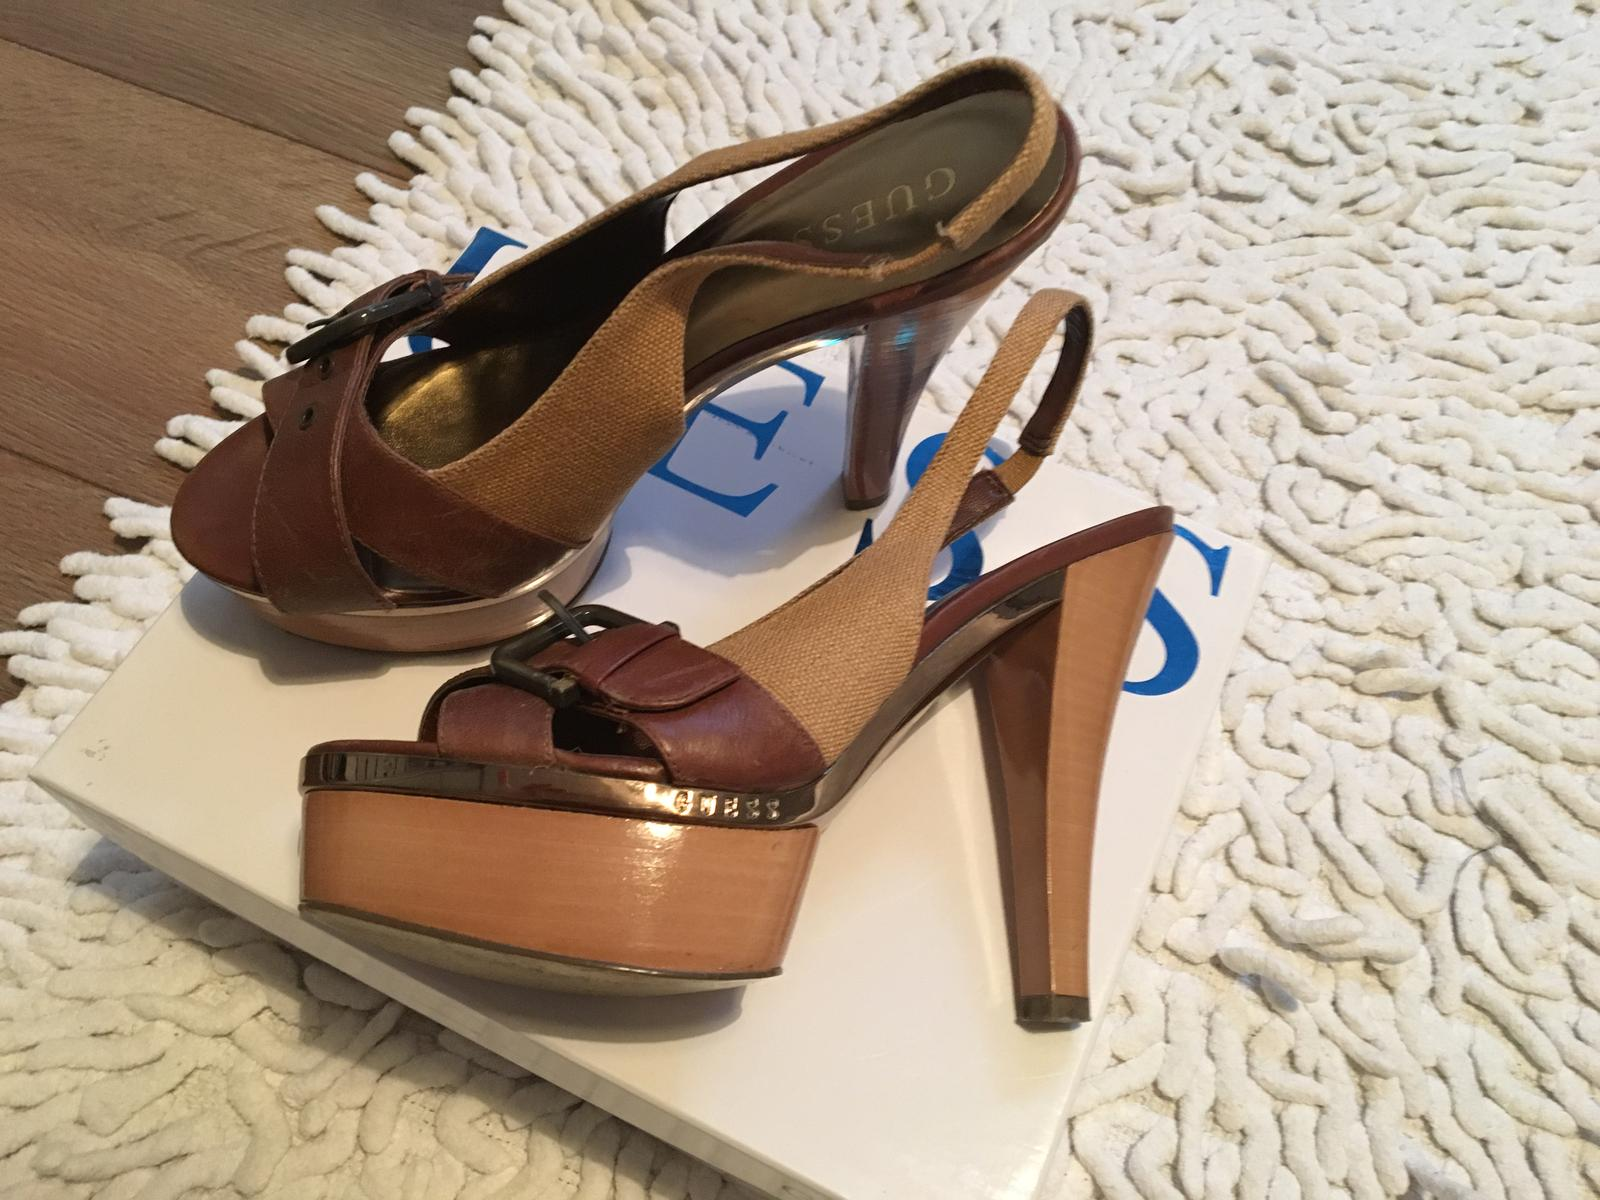 95f747c5e Letné topánky na platforme, guess,39 - 35 € od predávajúcej jannkah |  Detský bazár | ModryKonik.sk